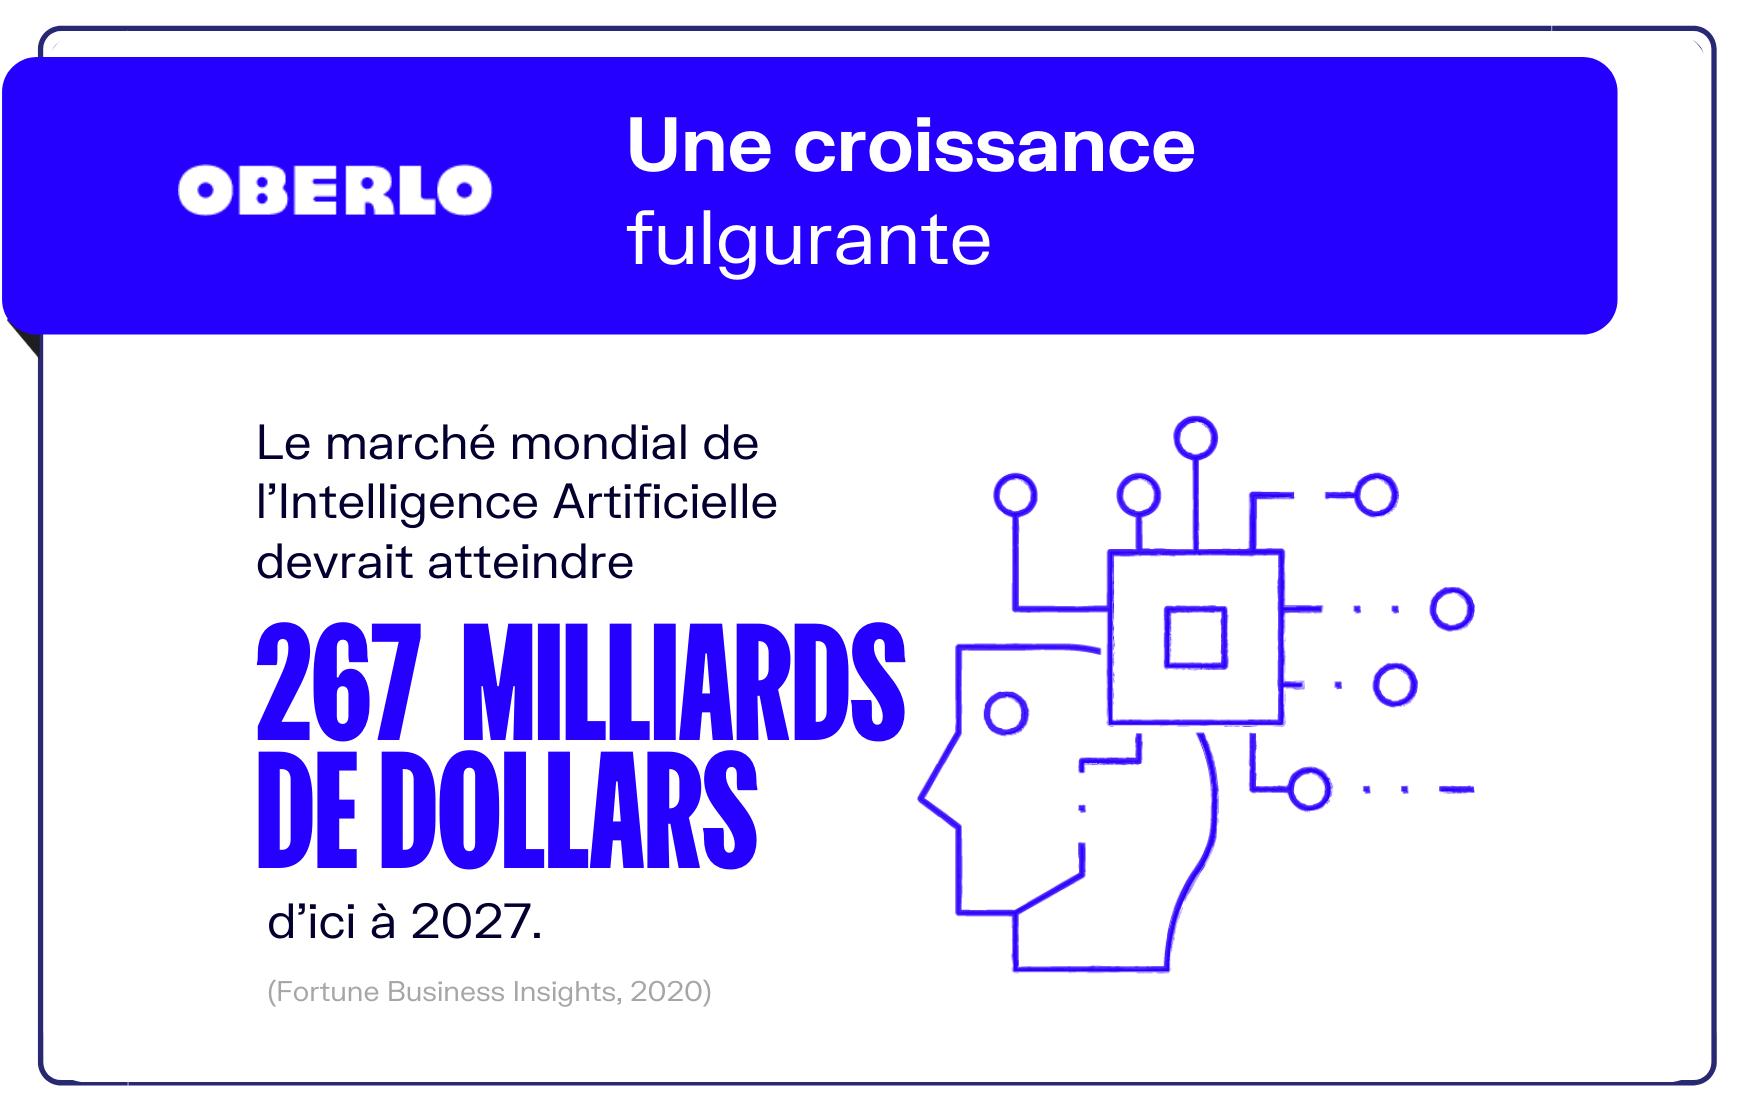 marché de l'intelligence artificielle